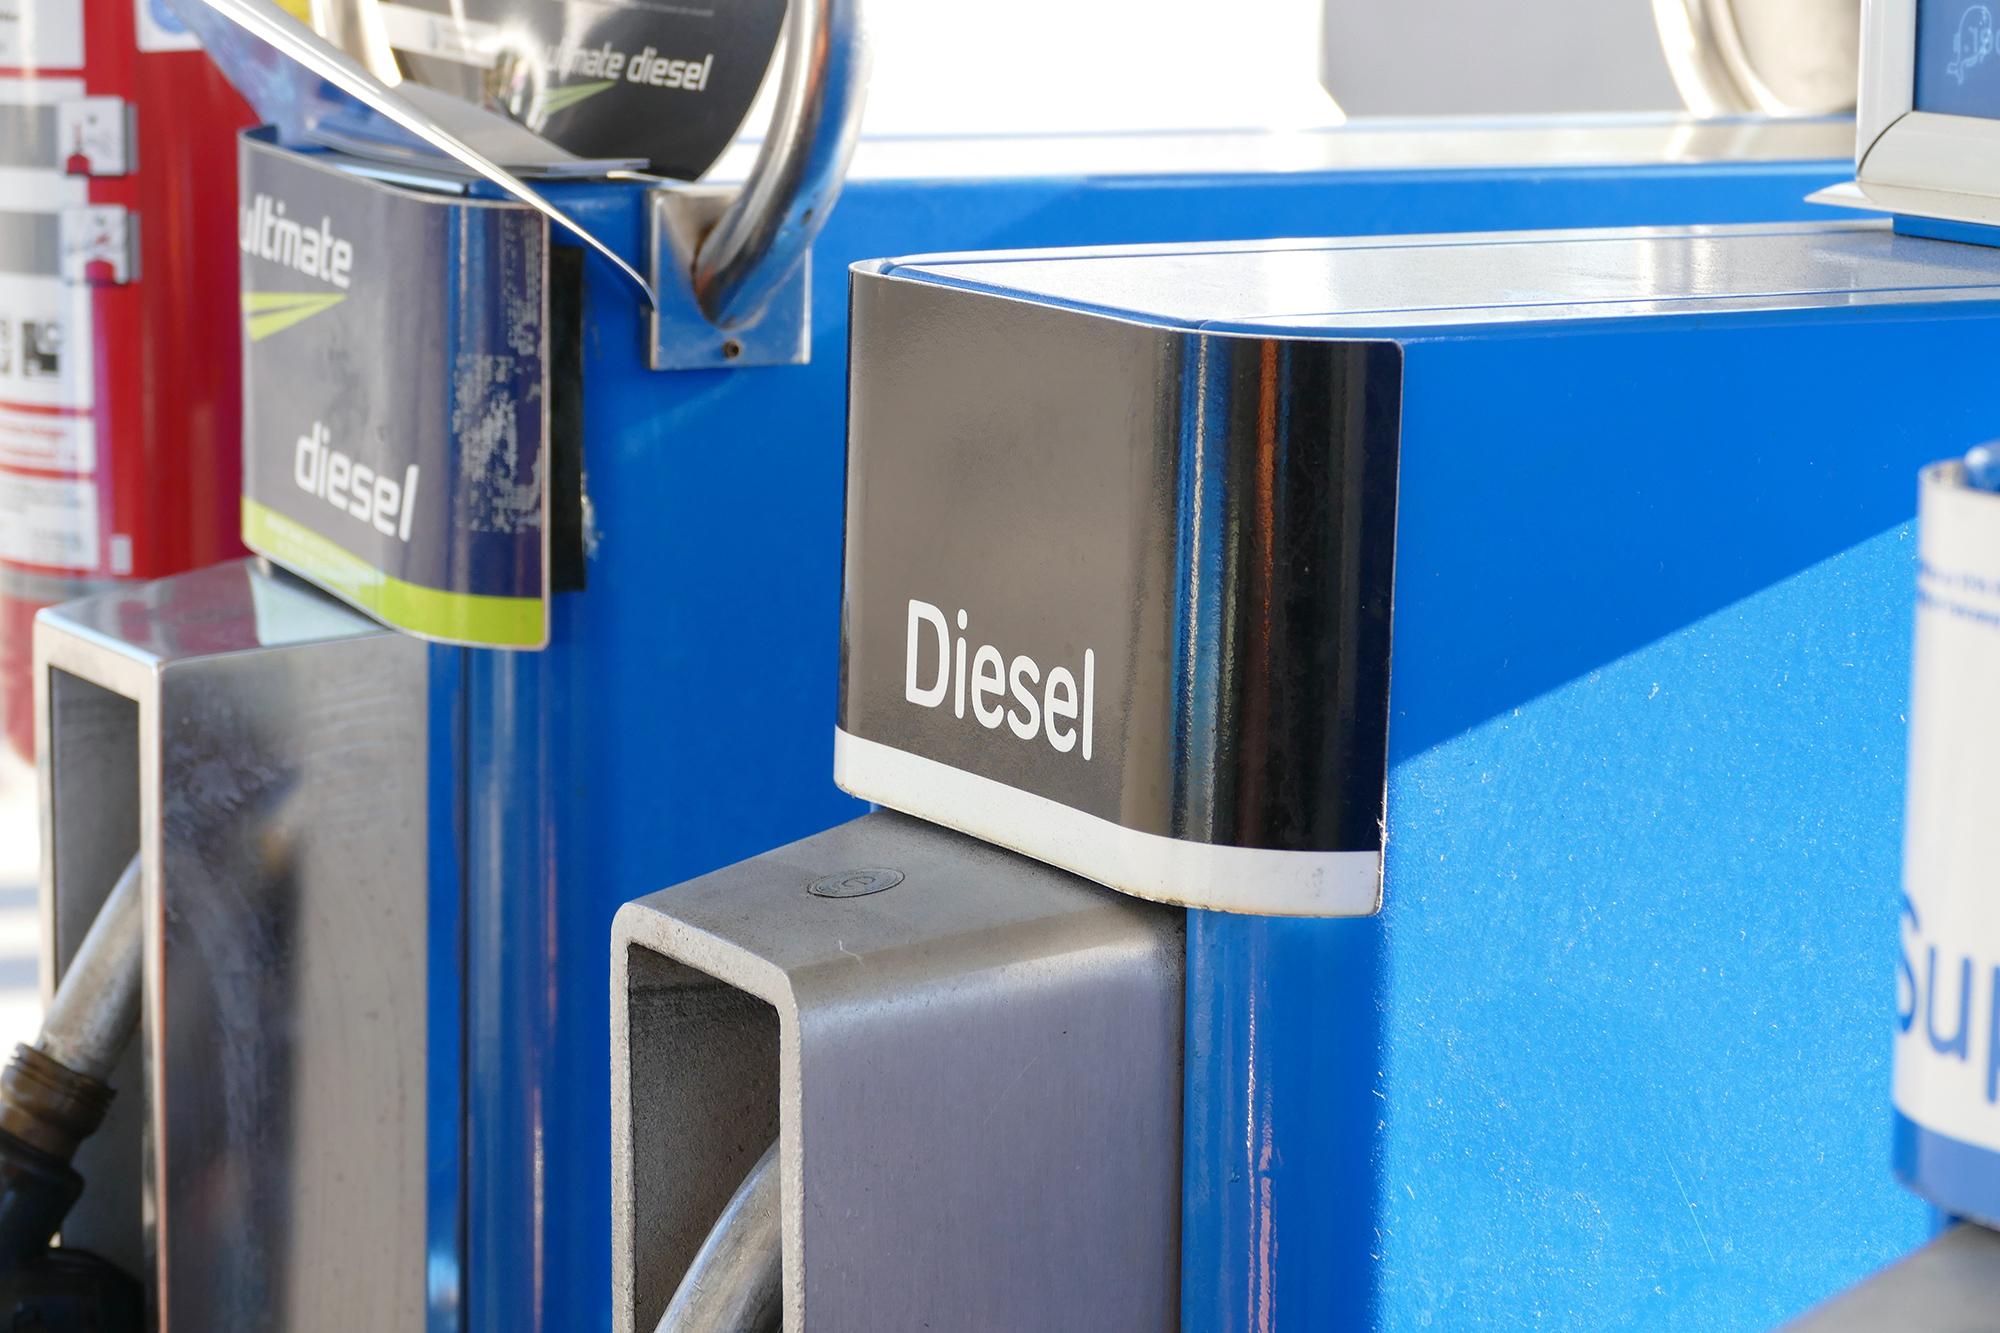 Cerca de 40% dos postos de abastecimento de combustíveis estão parados.